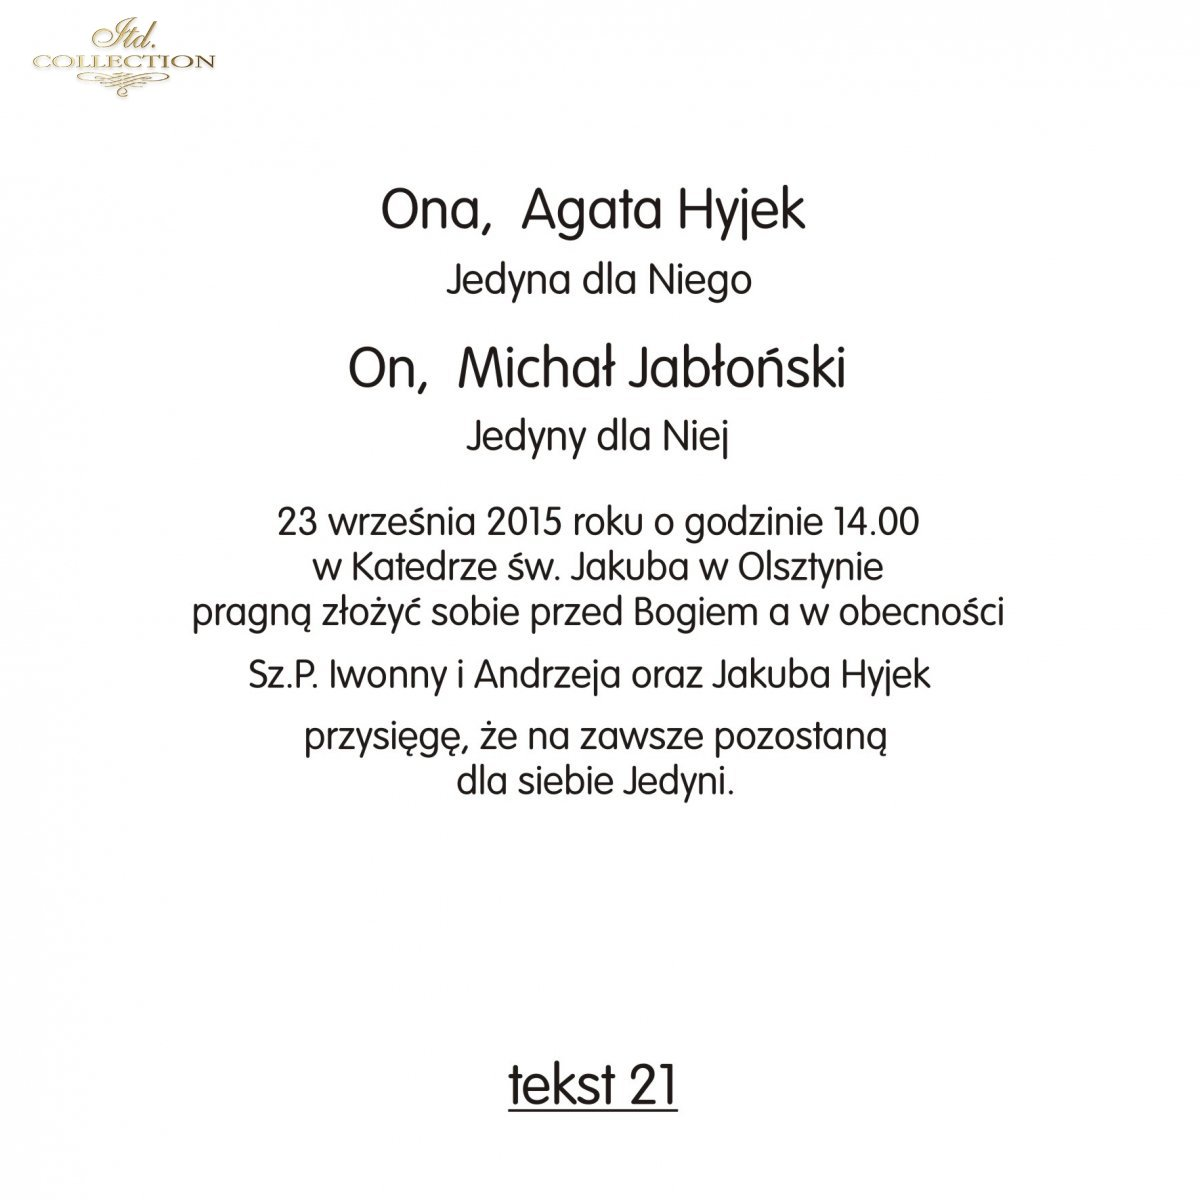 Teksty Na ślub Ts21 Polskie Zaproszenia ślubne Fajne Teksty Na